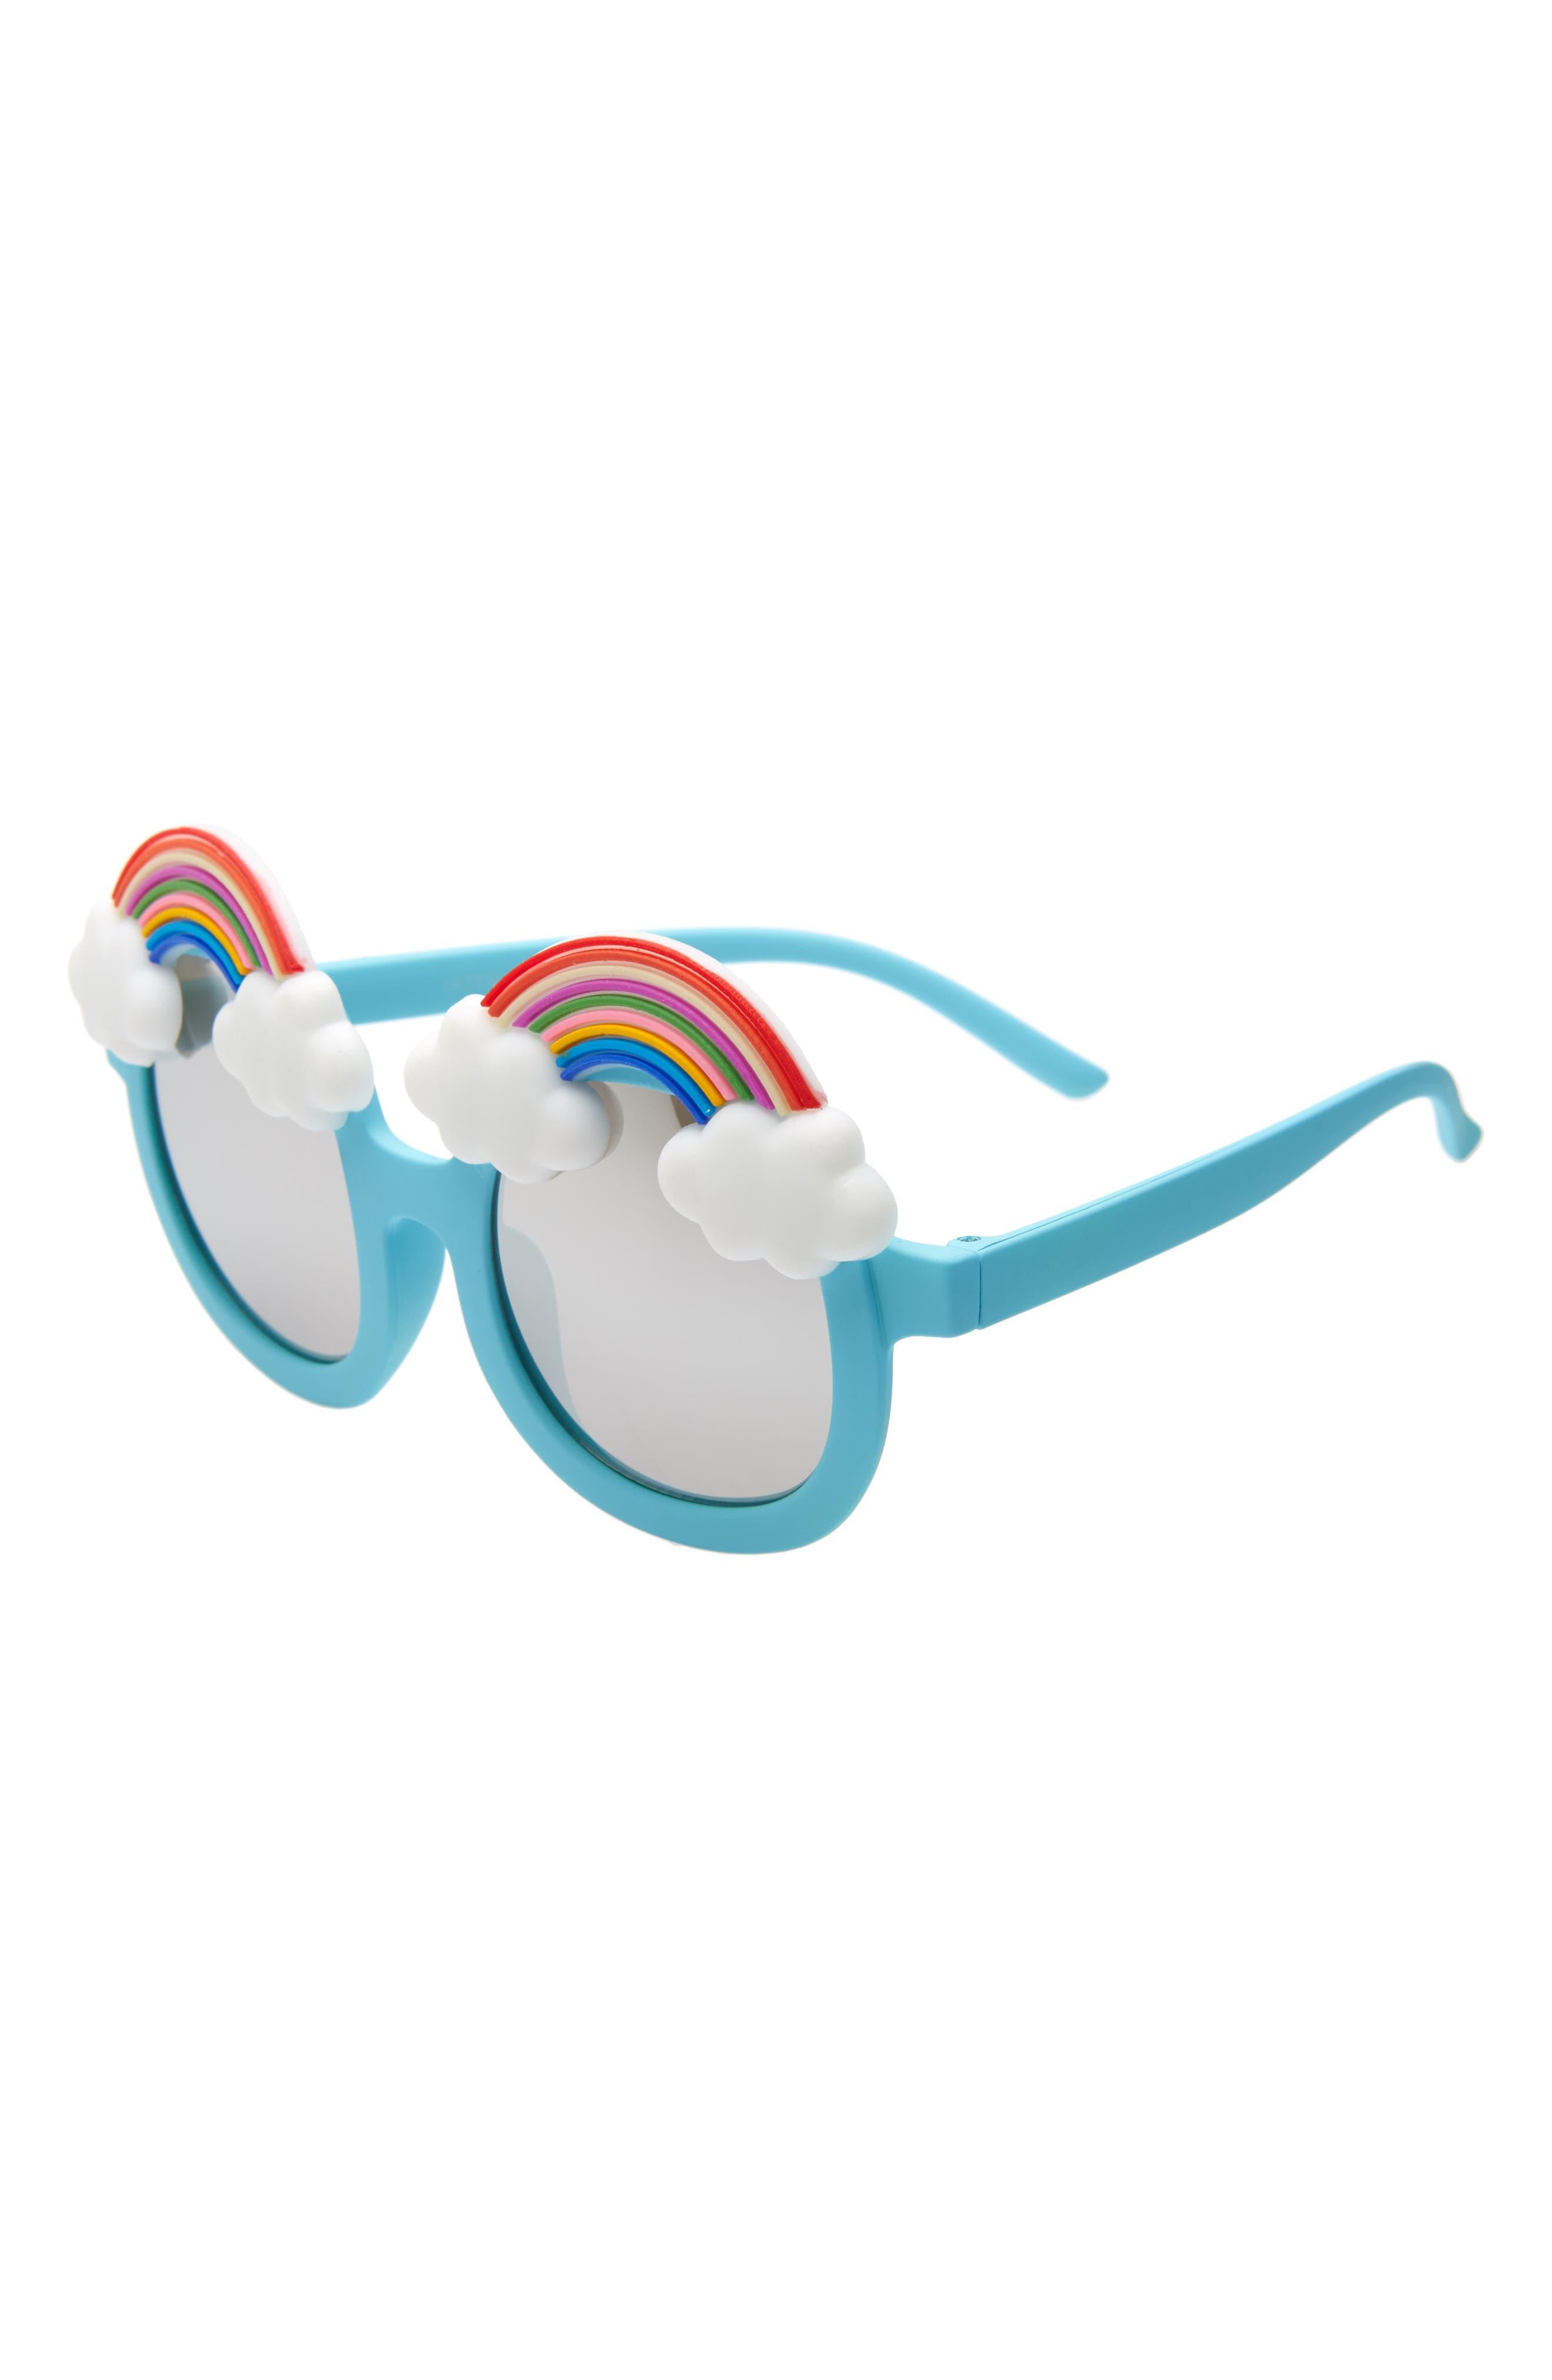 Infant Boys Loose Leaf Eyewear Rainbow Mirrored Sunglasses  Blue